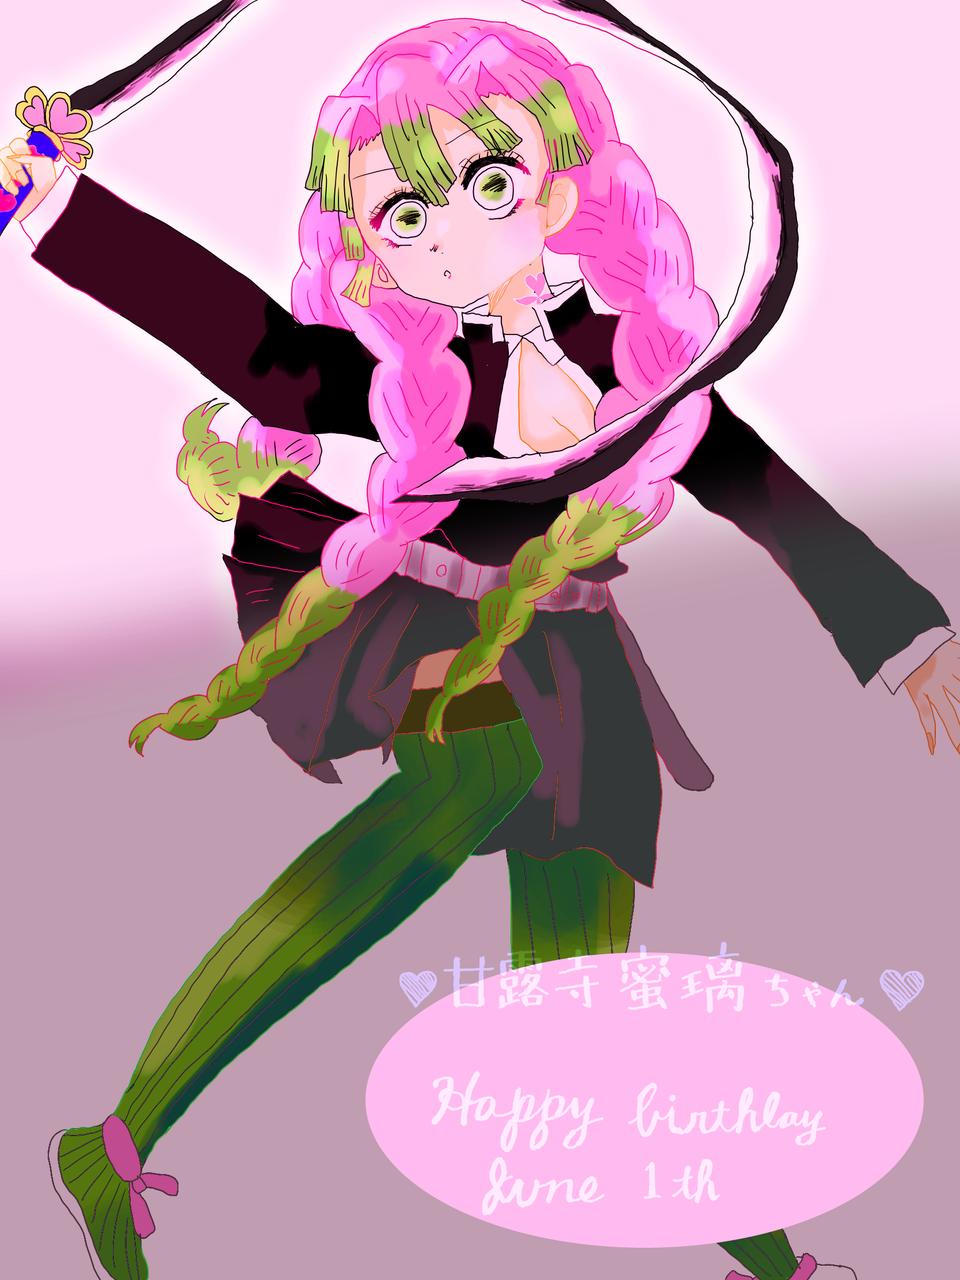 蜜璃ちゃんハピバ!!! Illust of ねむこ@しばらくやすみ コメントはします pink girl 甘露寺蜜璃生誕祭 KimetsunoYaiba kawaii fanart 甘露寺蜜璃誕生祭 KanrojiMitsuri green